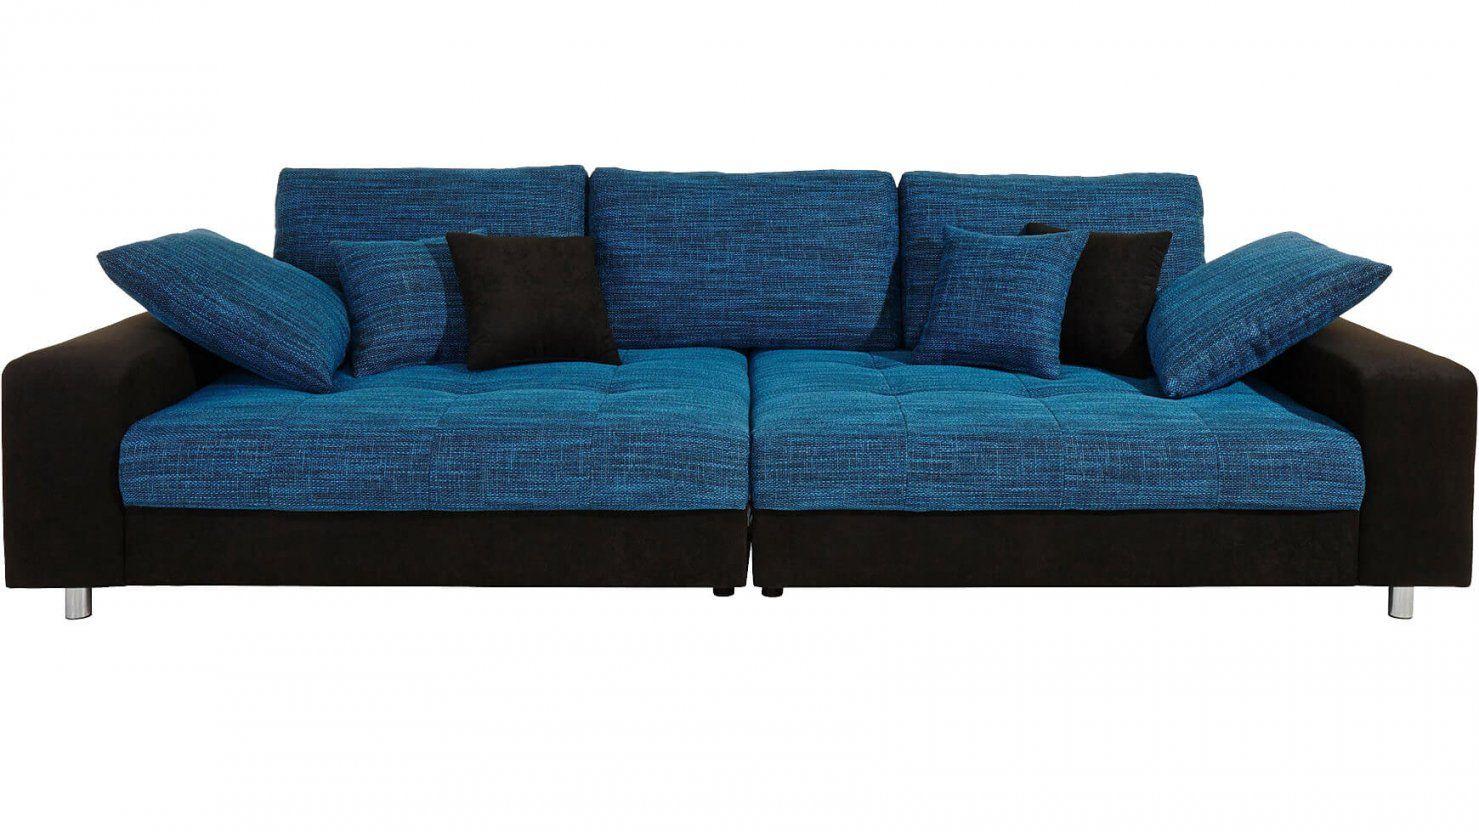 Xxl Sofa & Xxl Couch  Große Sofas Online Bestellen Cnouch von Big Sofa Auf Raten Photo